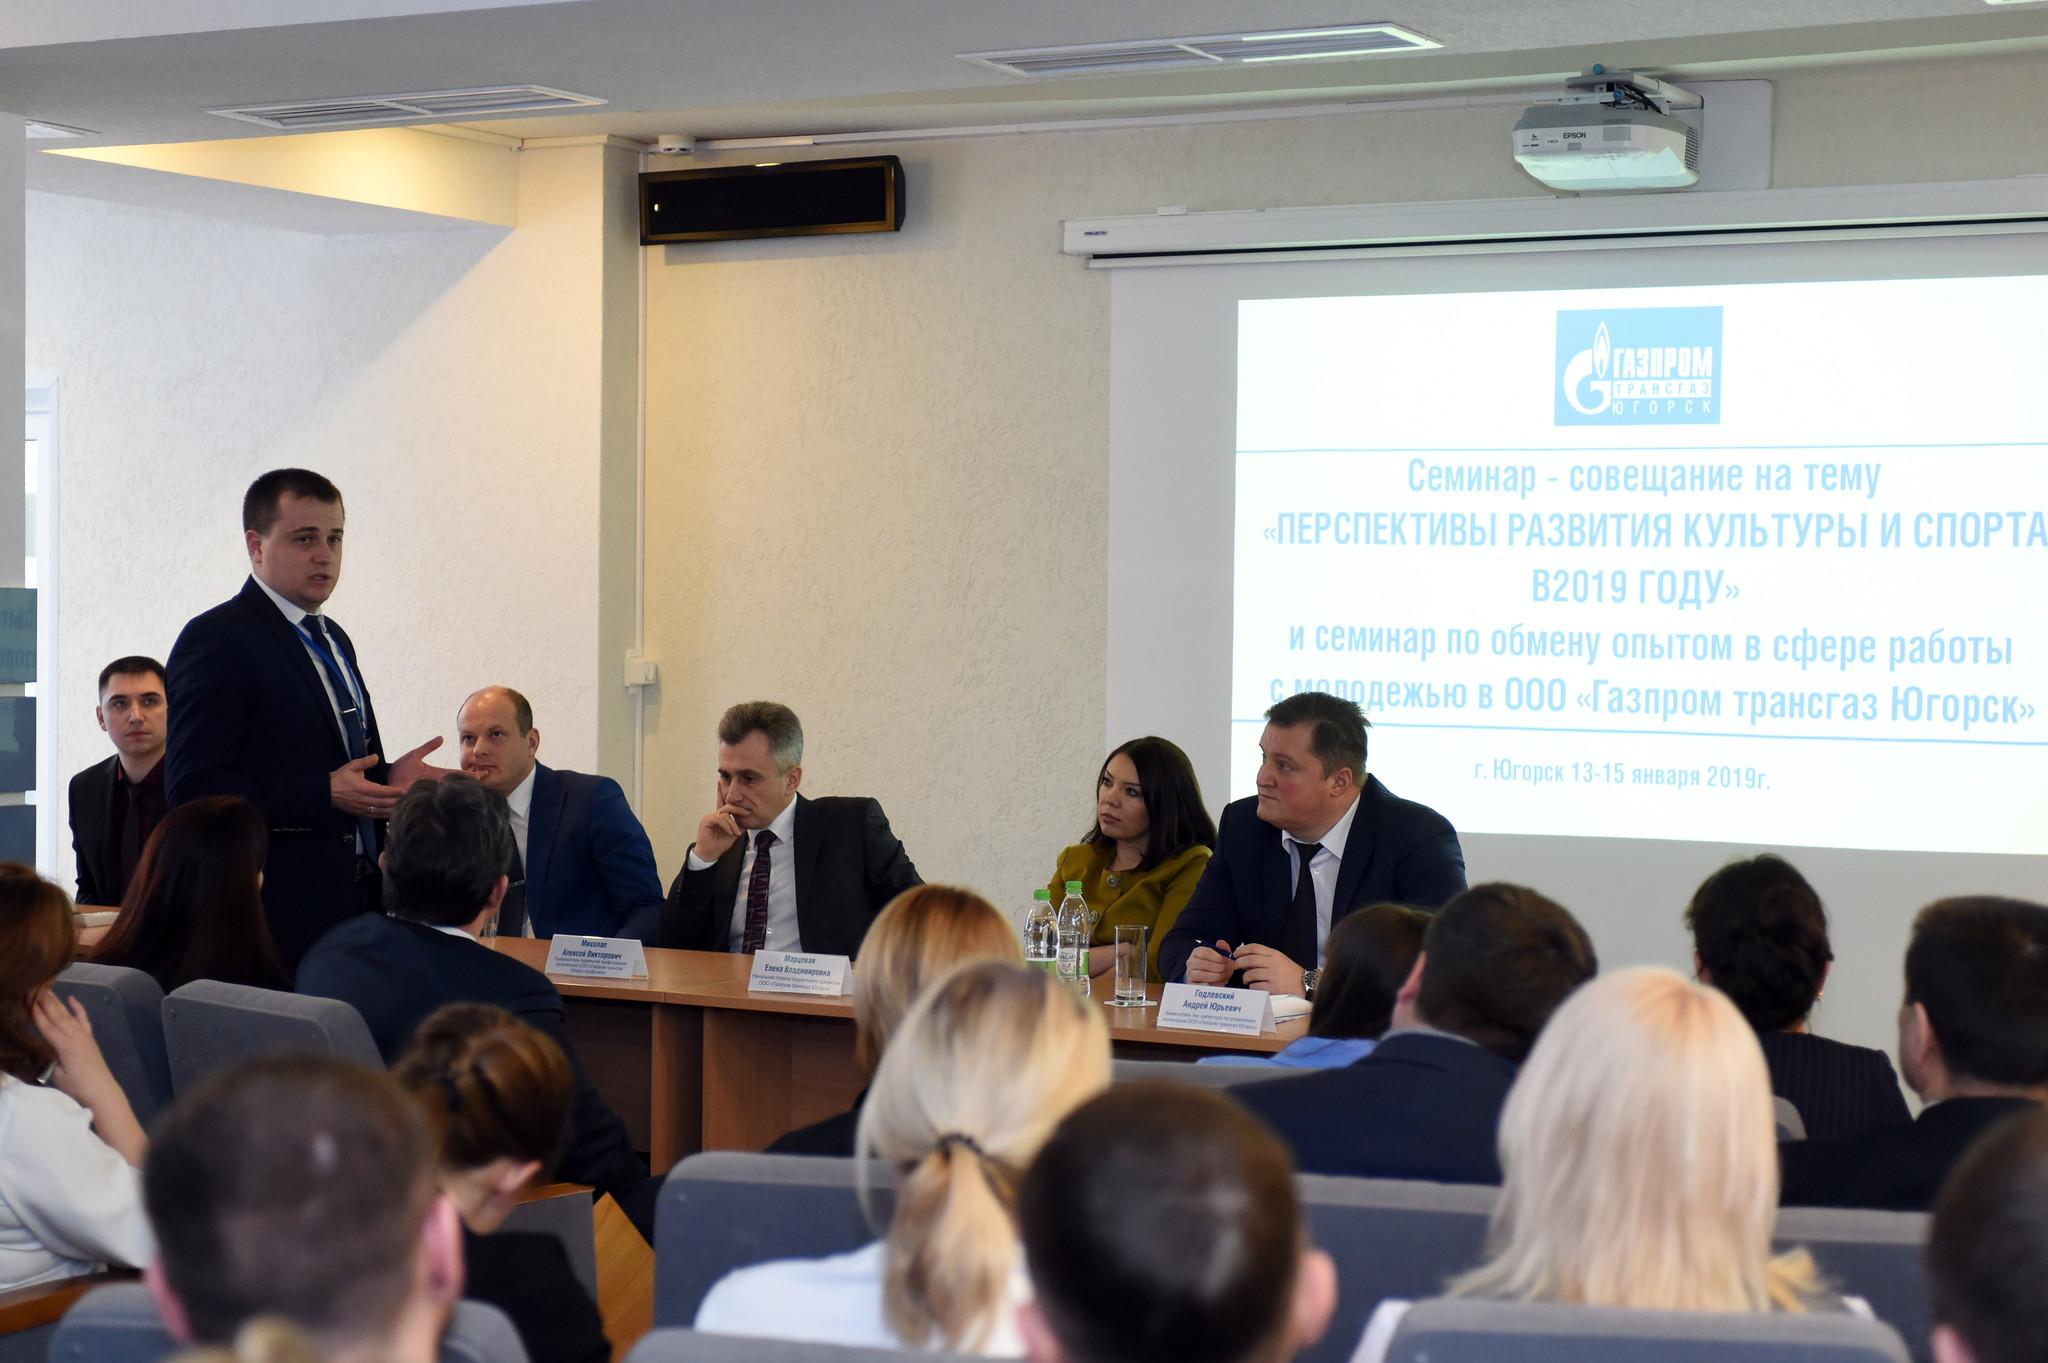 В семинаре приняло участие более сотни сотрудников ООО «Газпром трансгаз Югорск» — начальники культурно-спортивных комплексов, работники сферы культуры и спорта, представители молодежных комитетов